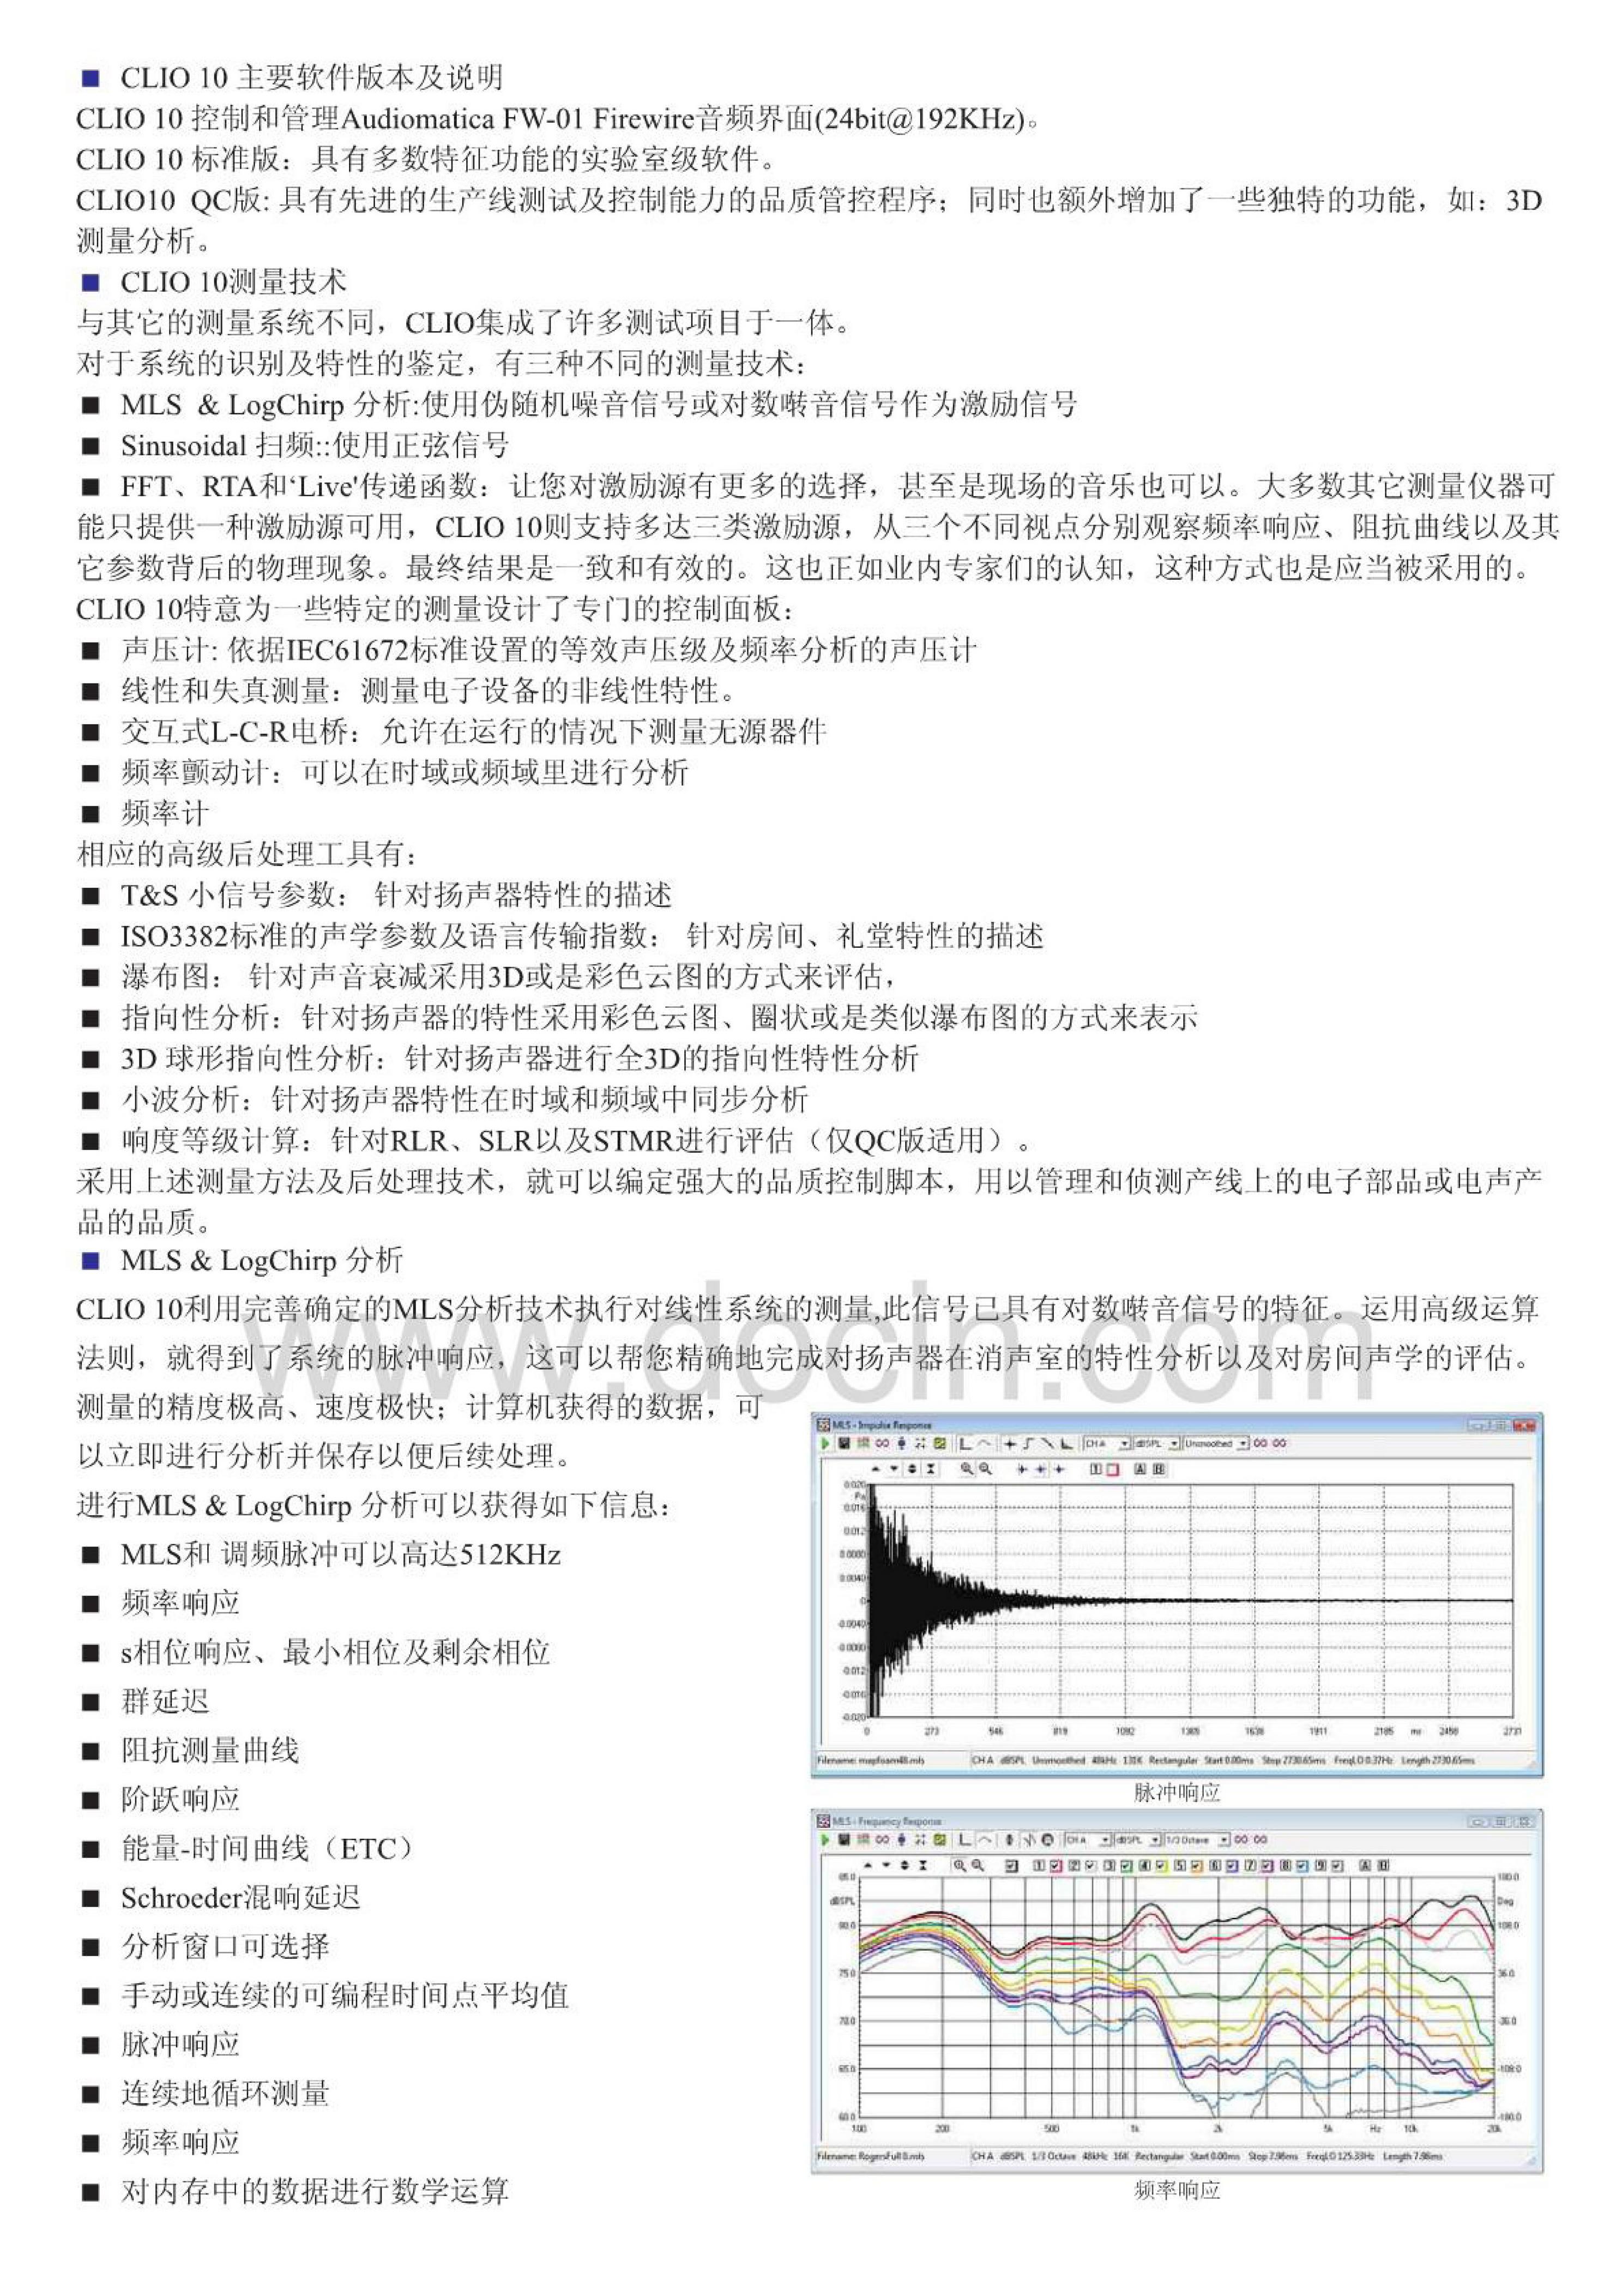 声阻抗测试_意大利CLIO 10QC 电声测试系统 - 阳光丽声